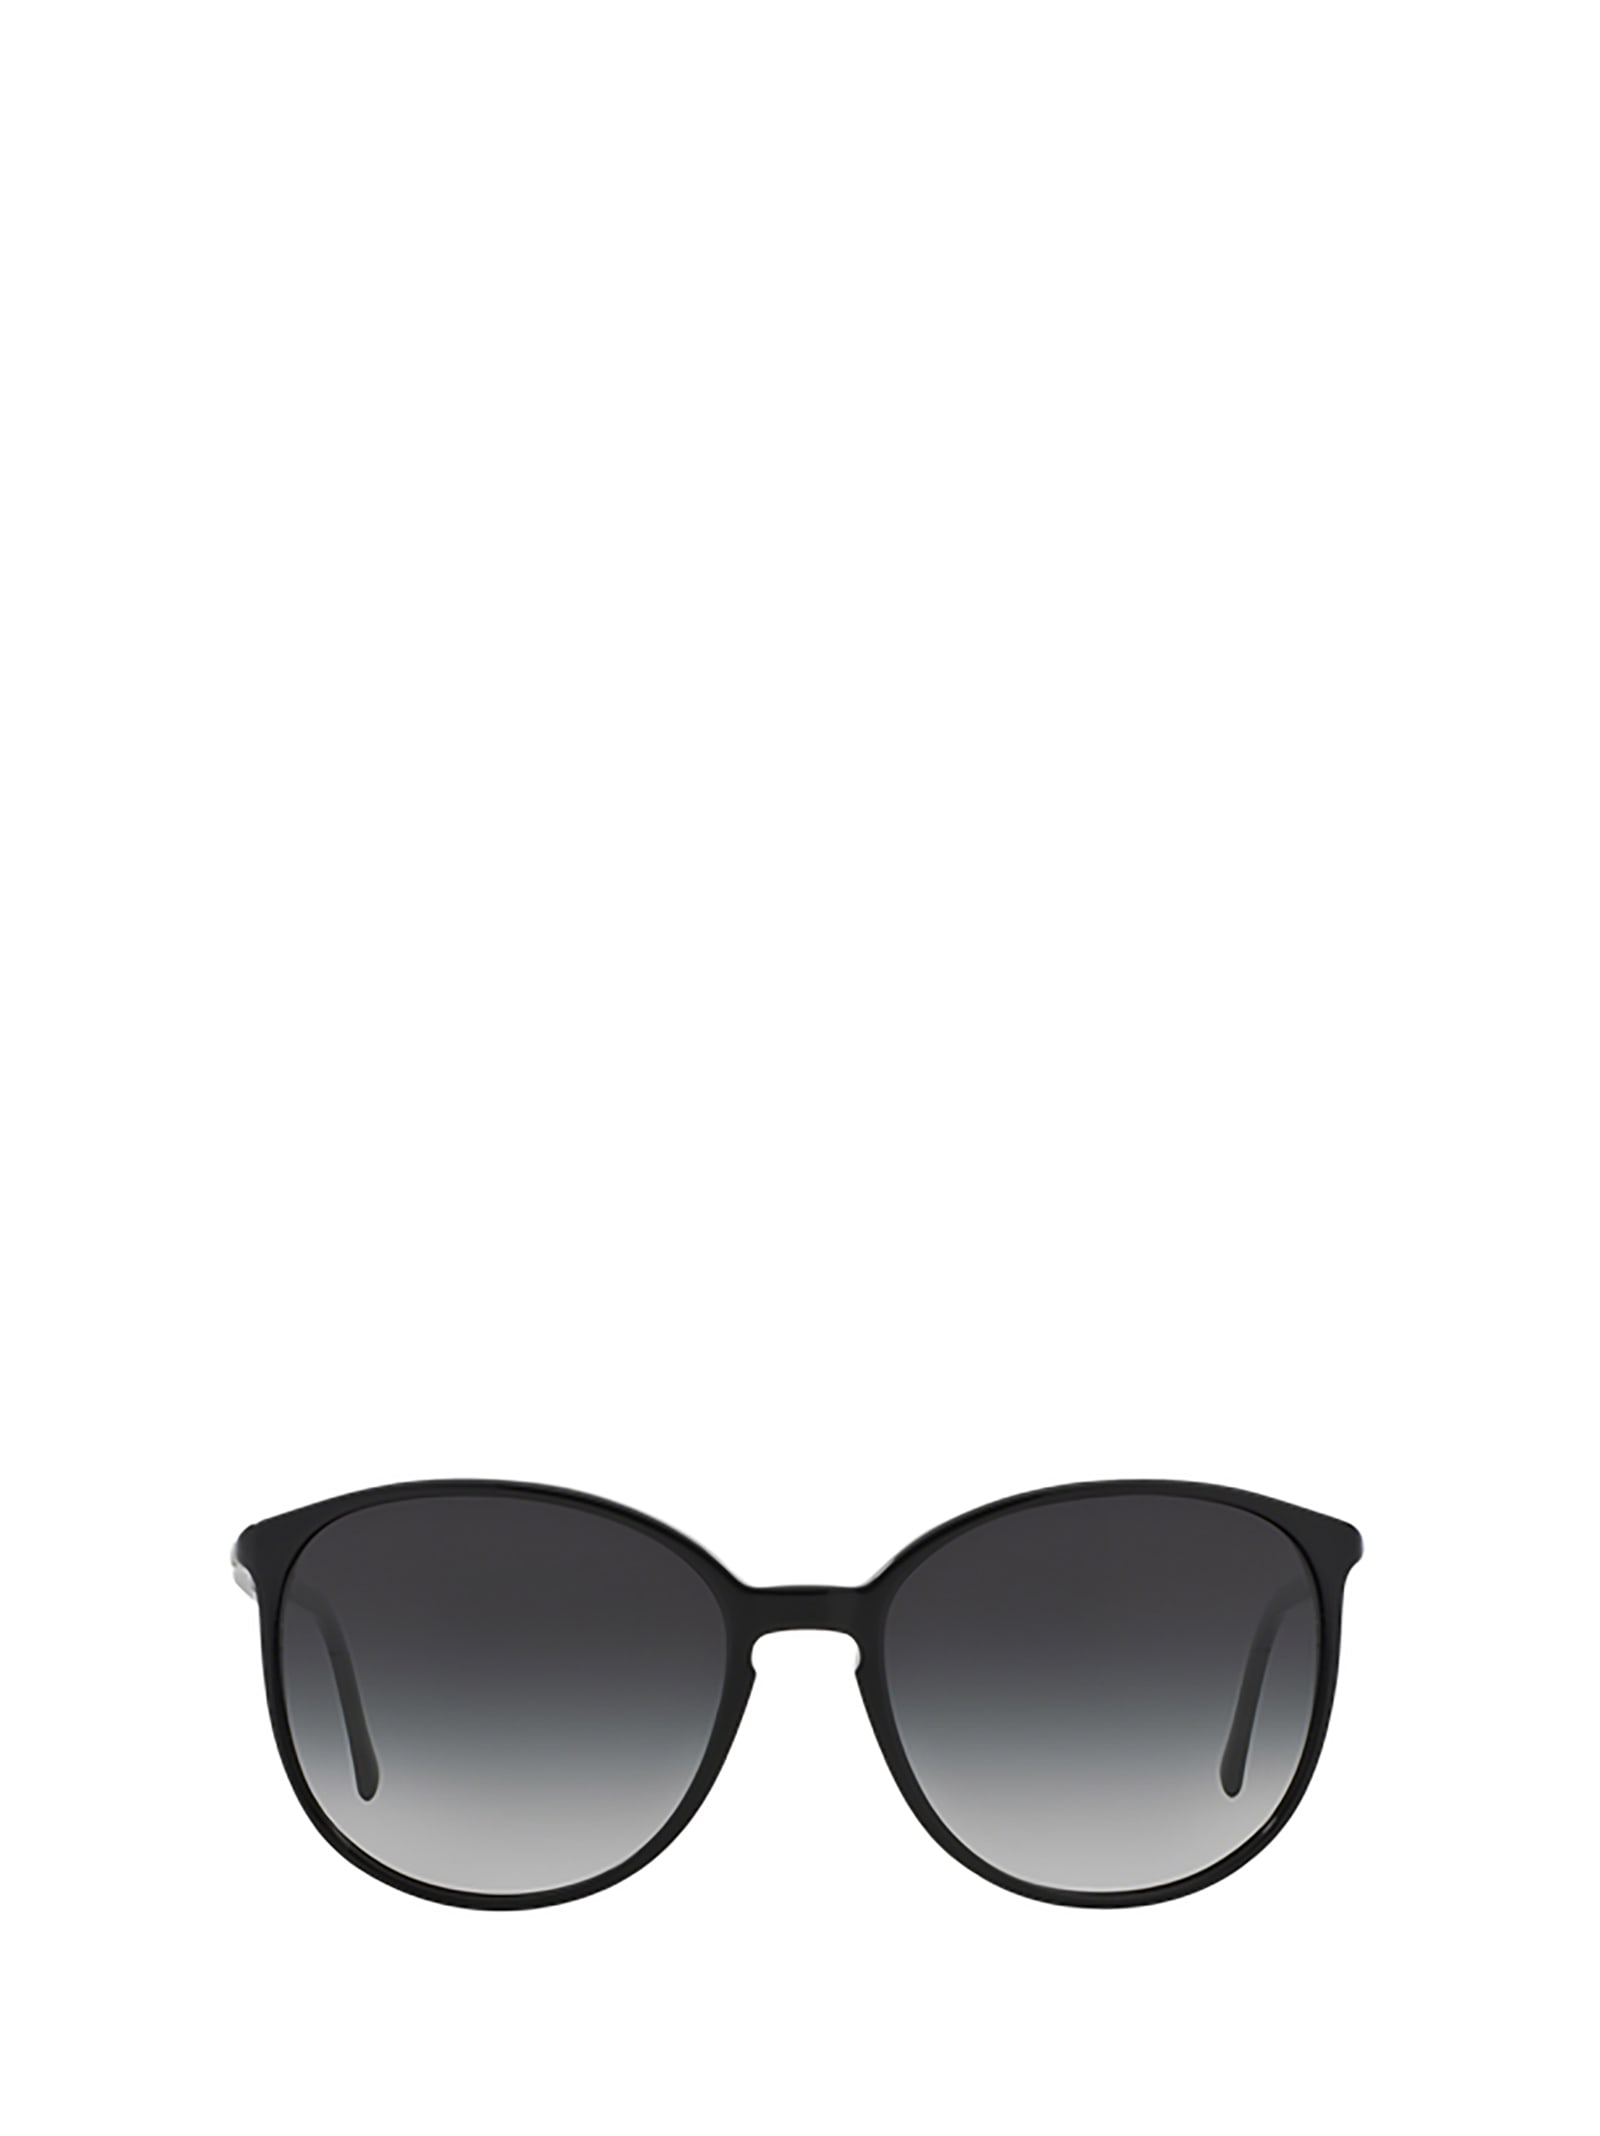 Chanel Chanel Ch5278 Black Sunglasses